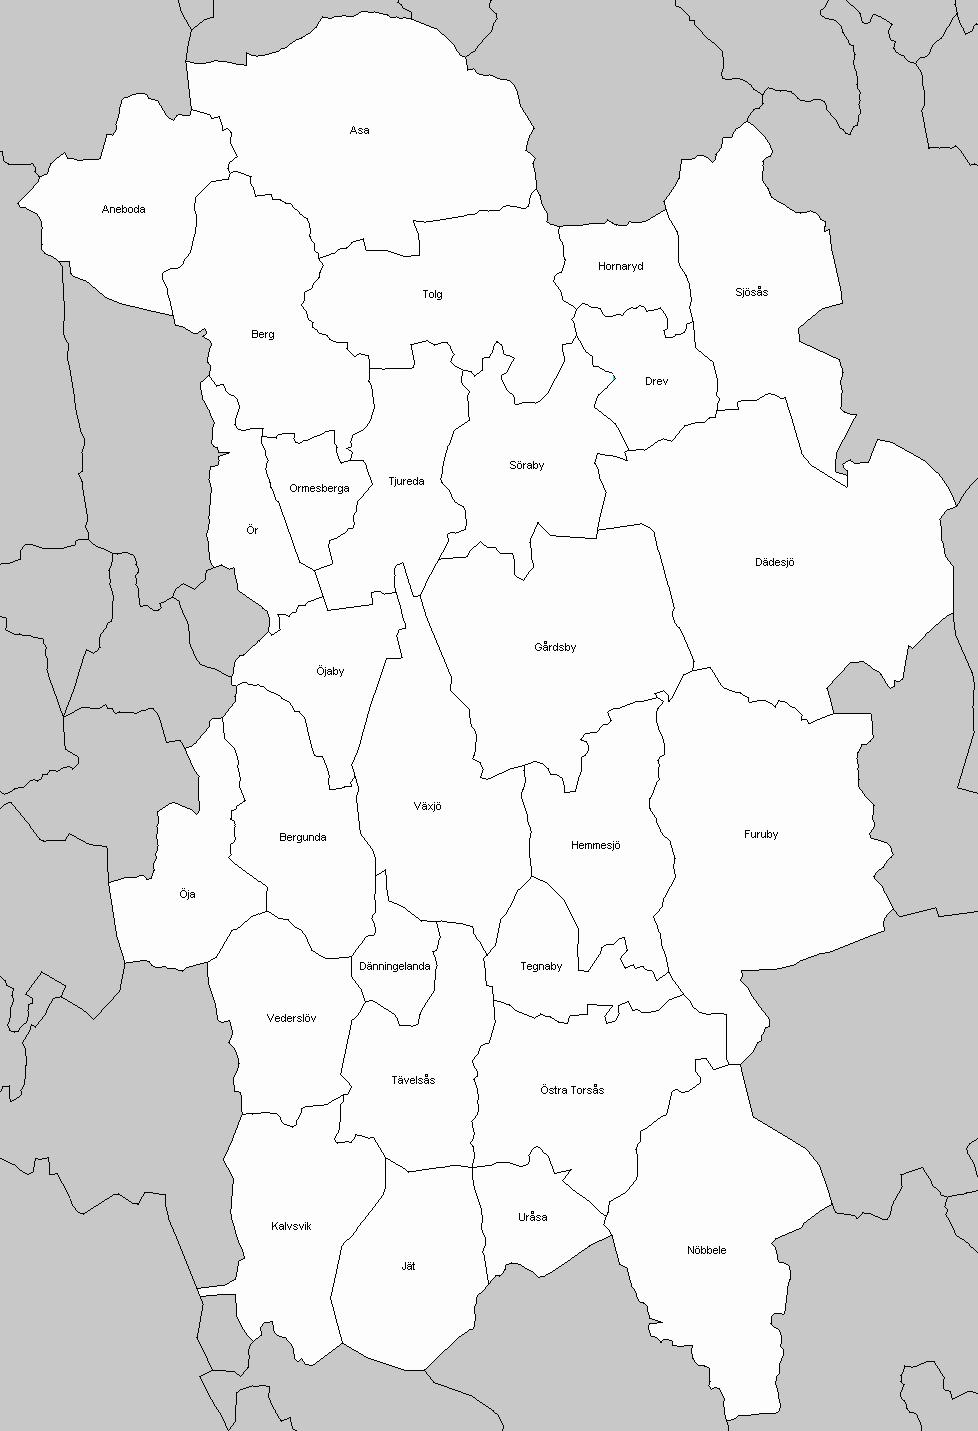 karta över älmhults kommun Socknar i Kronoberg   FredrikKjällbring karta över älmhults kommun